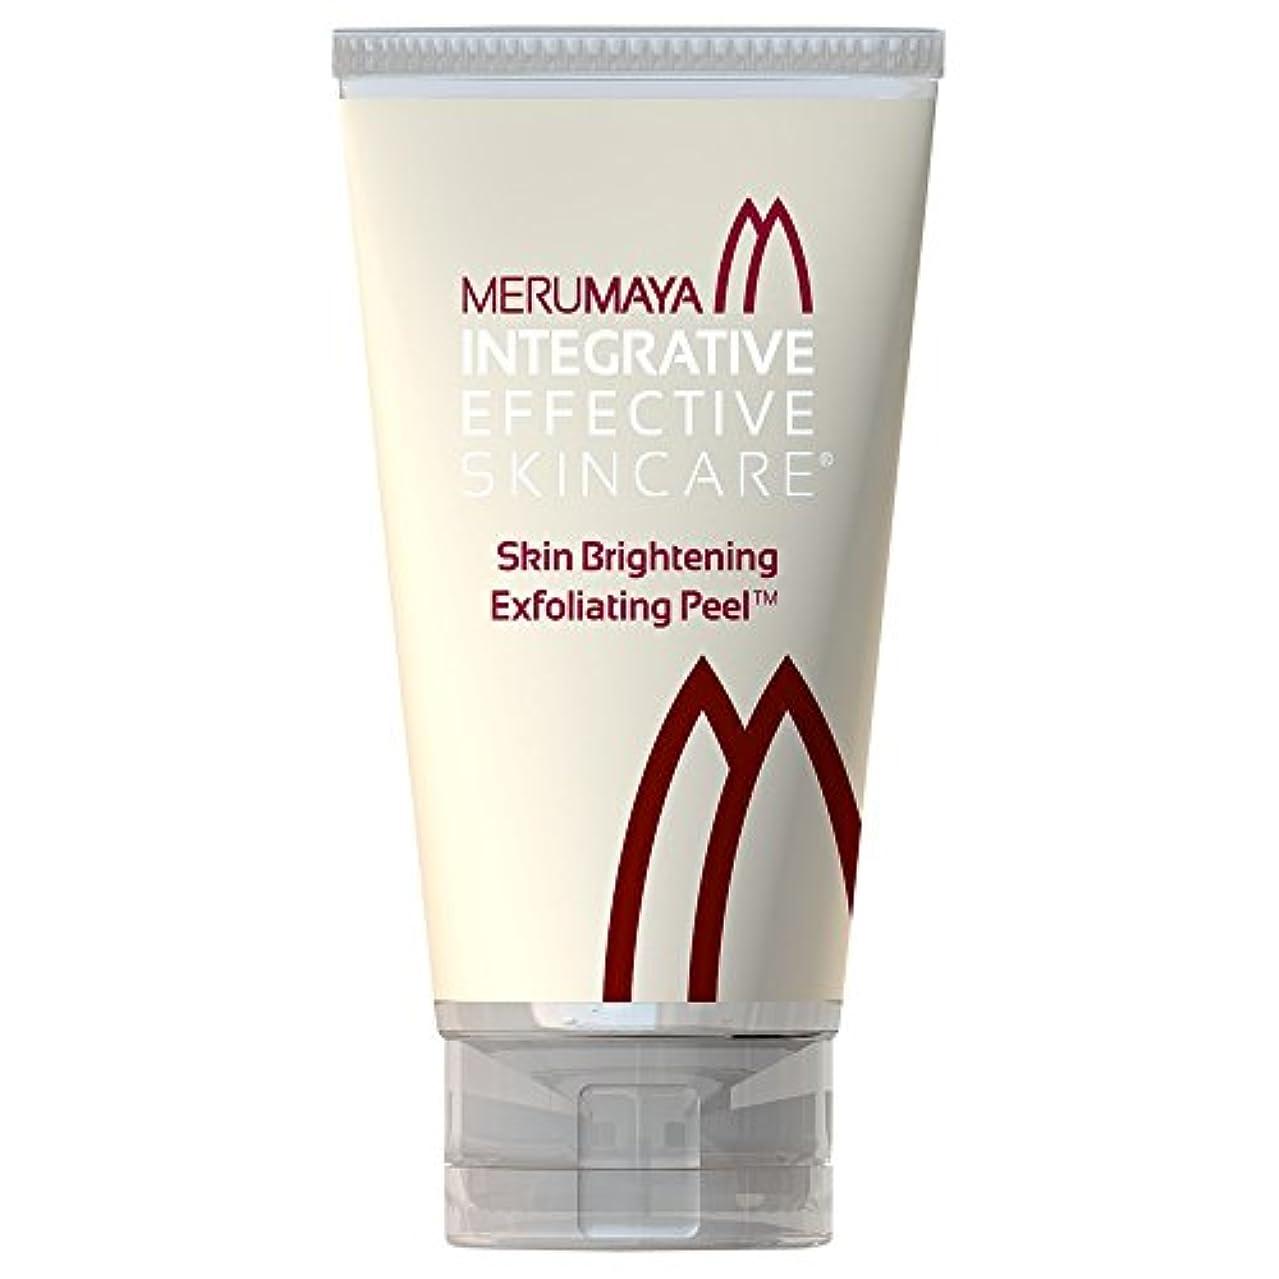 トレッド乱す地中海Merumayaスキンブライトニングピーリング剥離?の50ミリリットル (Merumaya) (x6) - MERUMAYA Skin Brightening Exfoliating Peel? 50ml (Pack of...